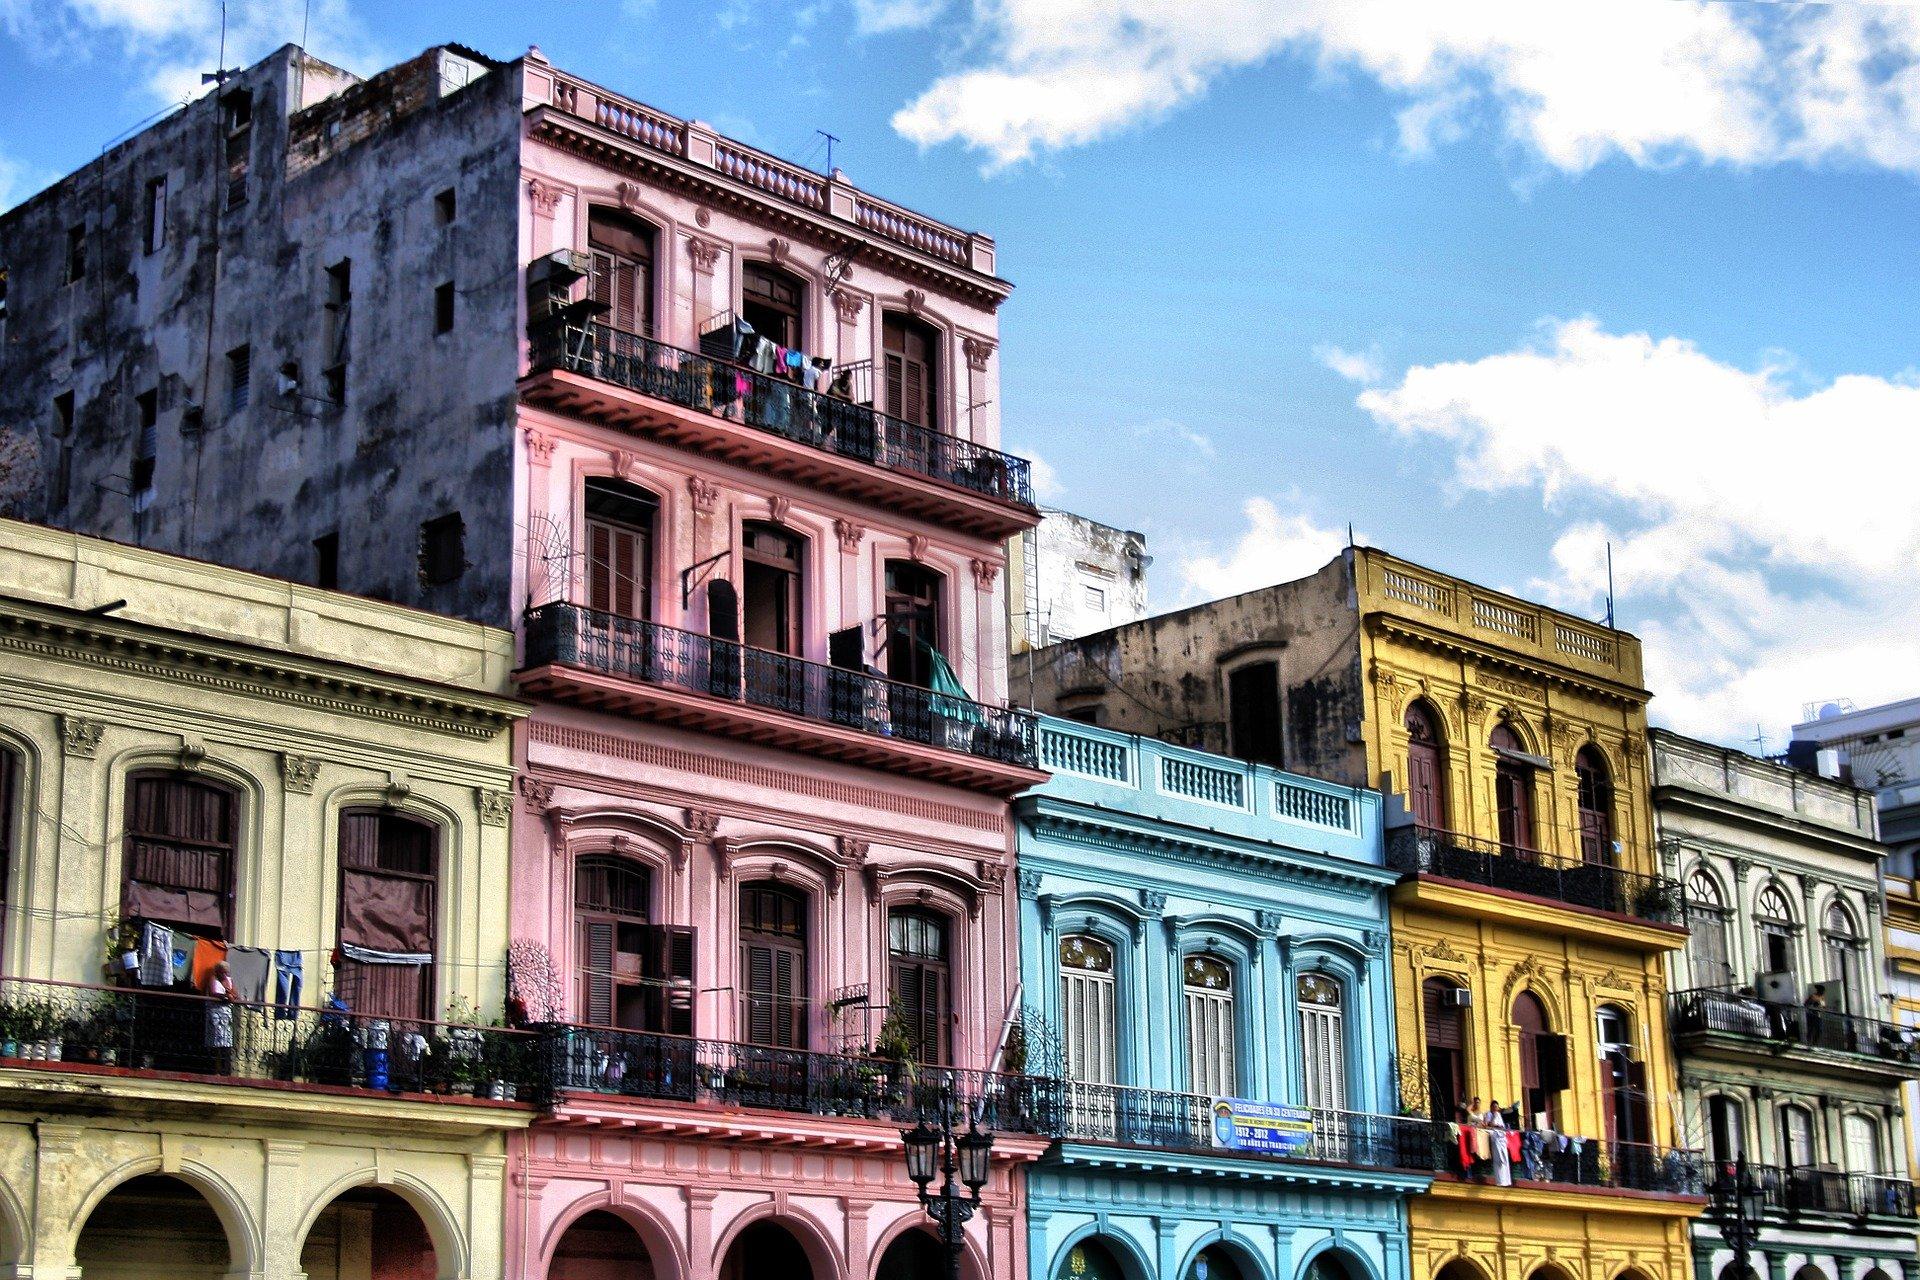 la Havane, cuba, immeubles colorés